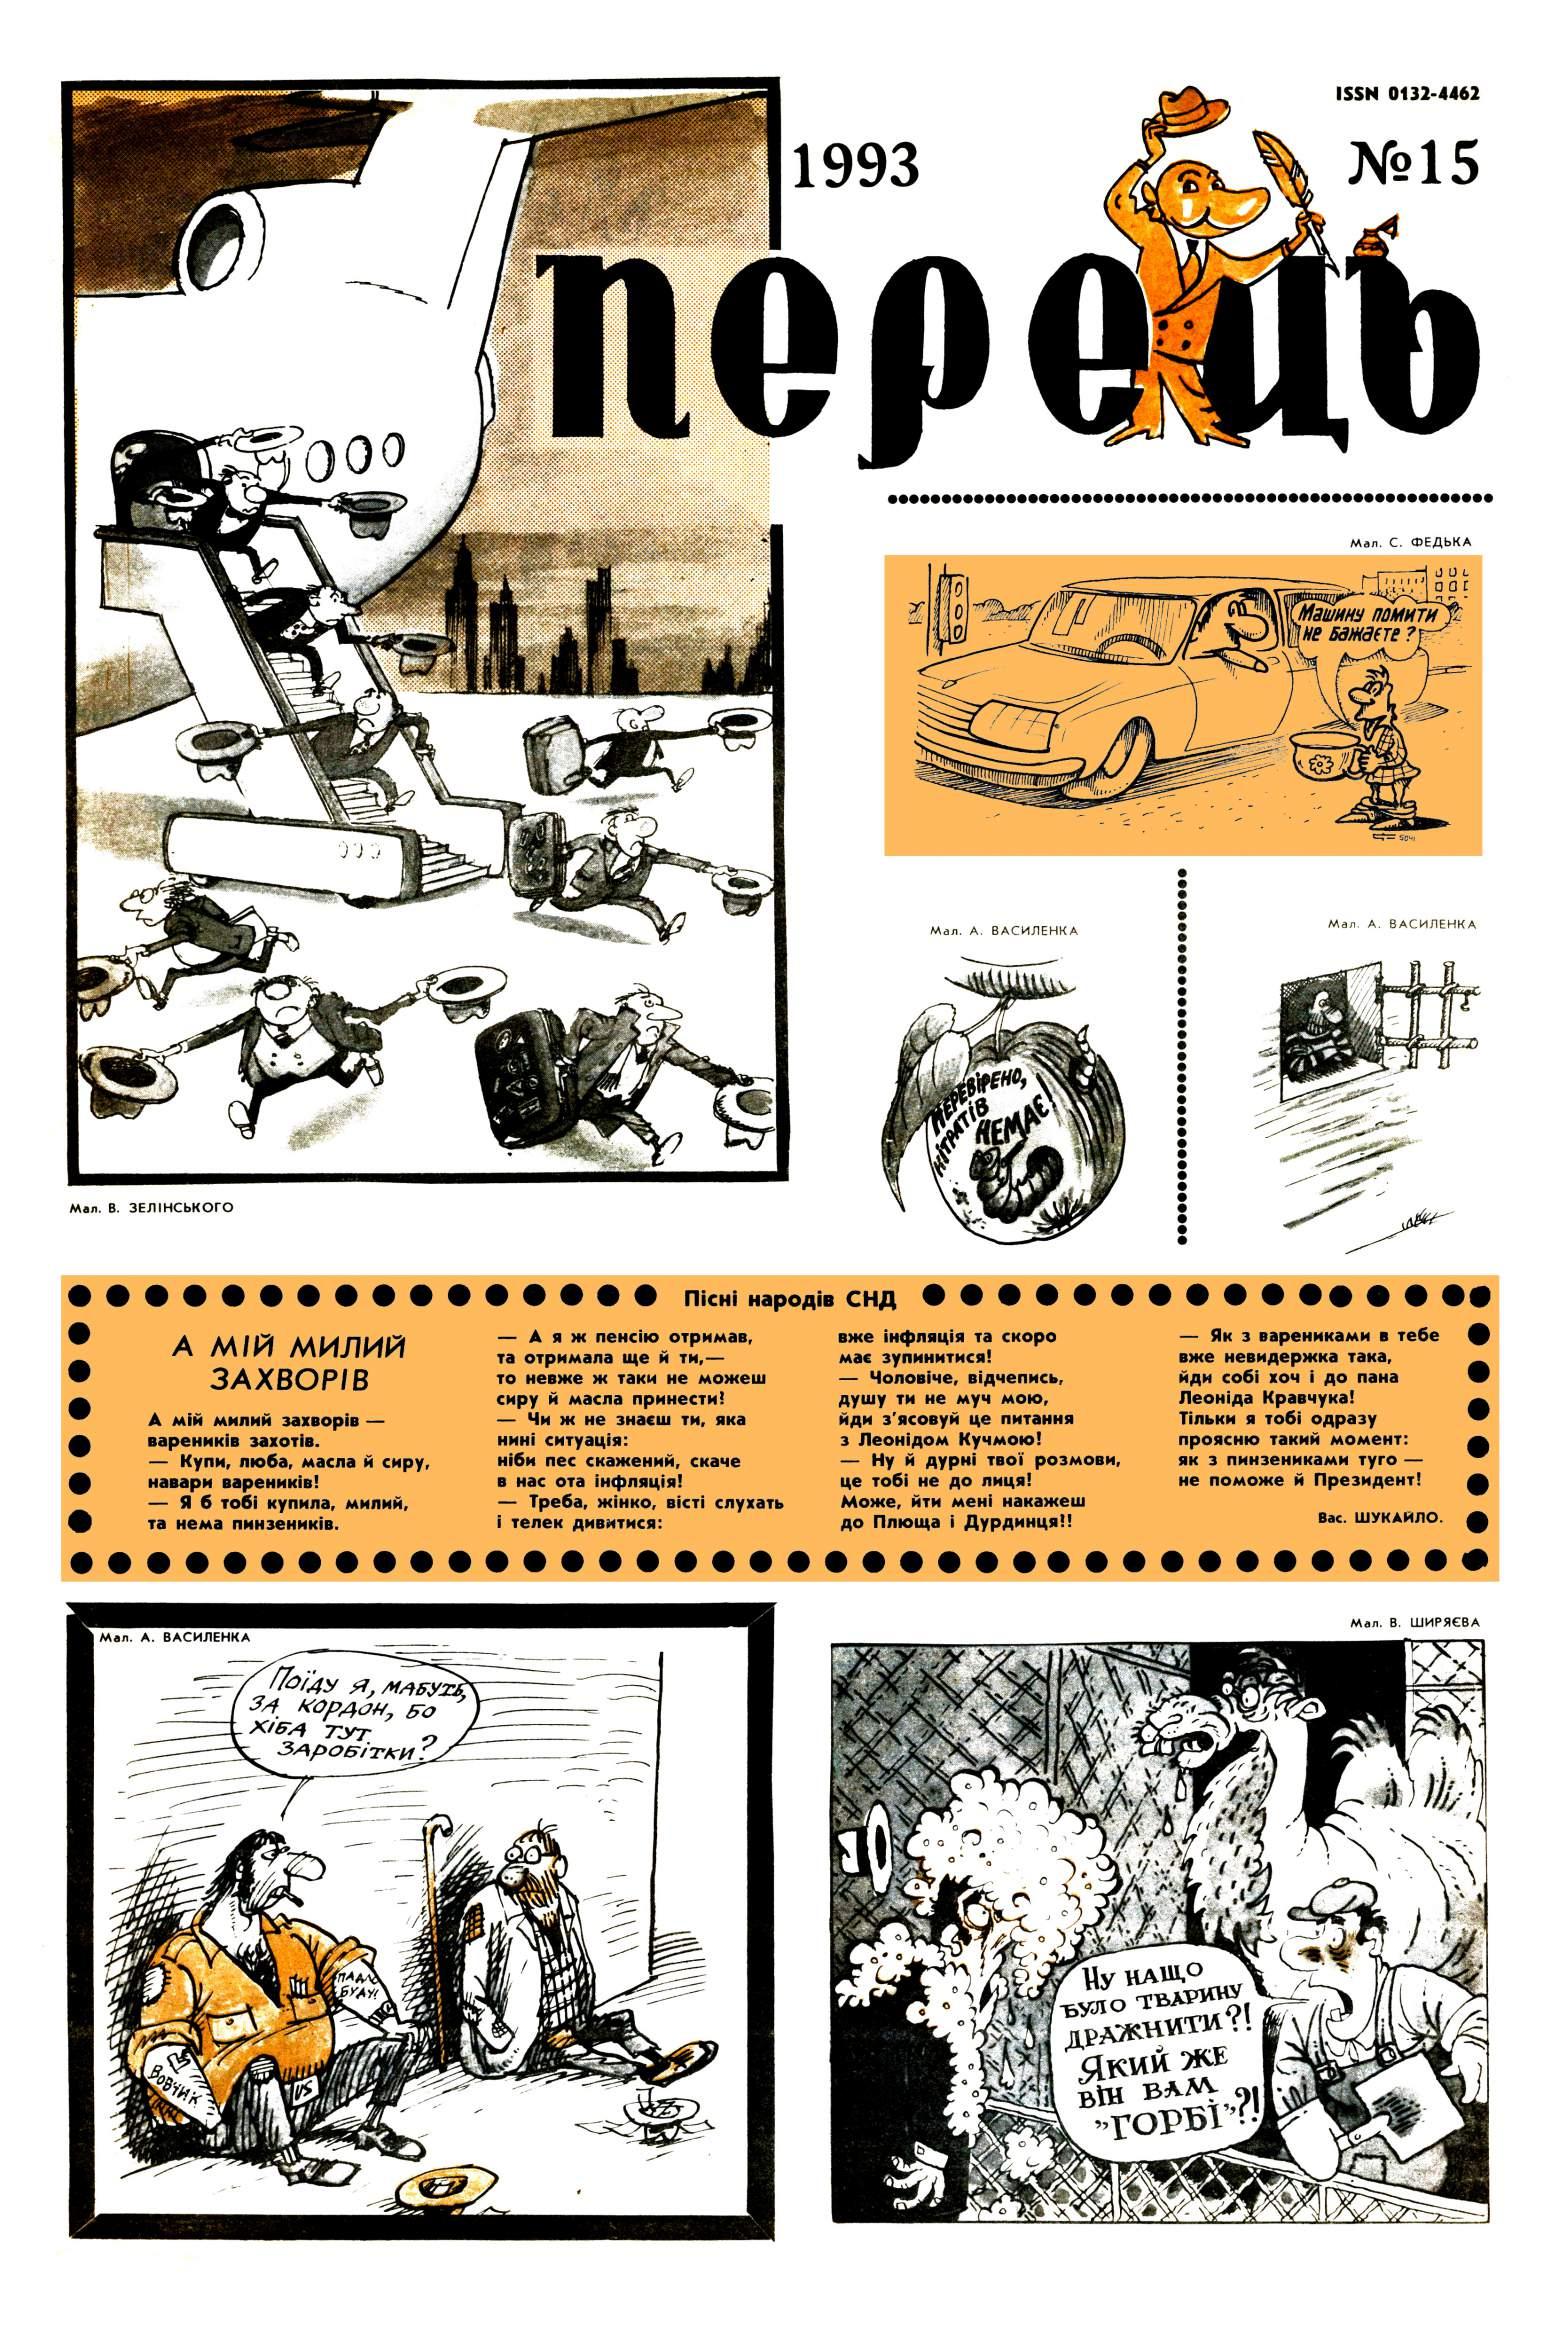 Журнал перець 1993 №15